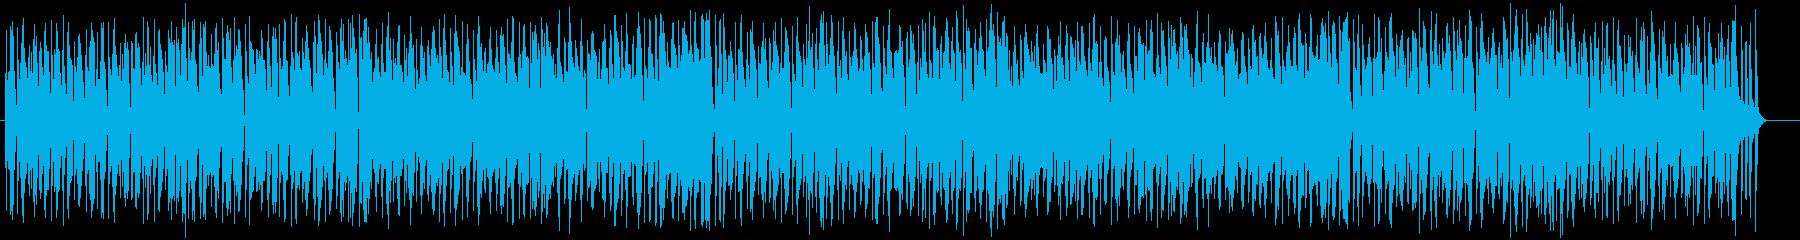 明るくうきうきするシンセサイザーの曲の再生済みの波形